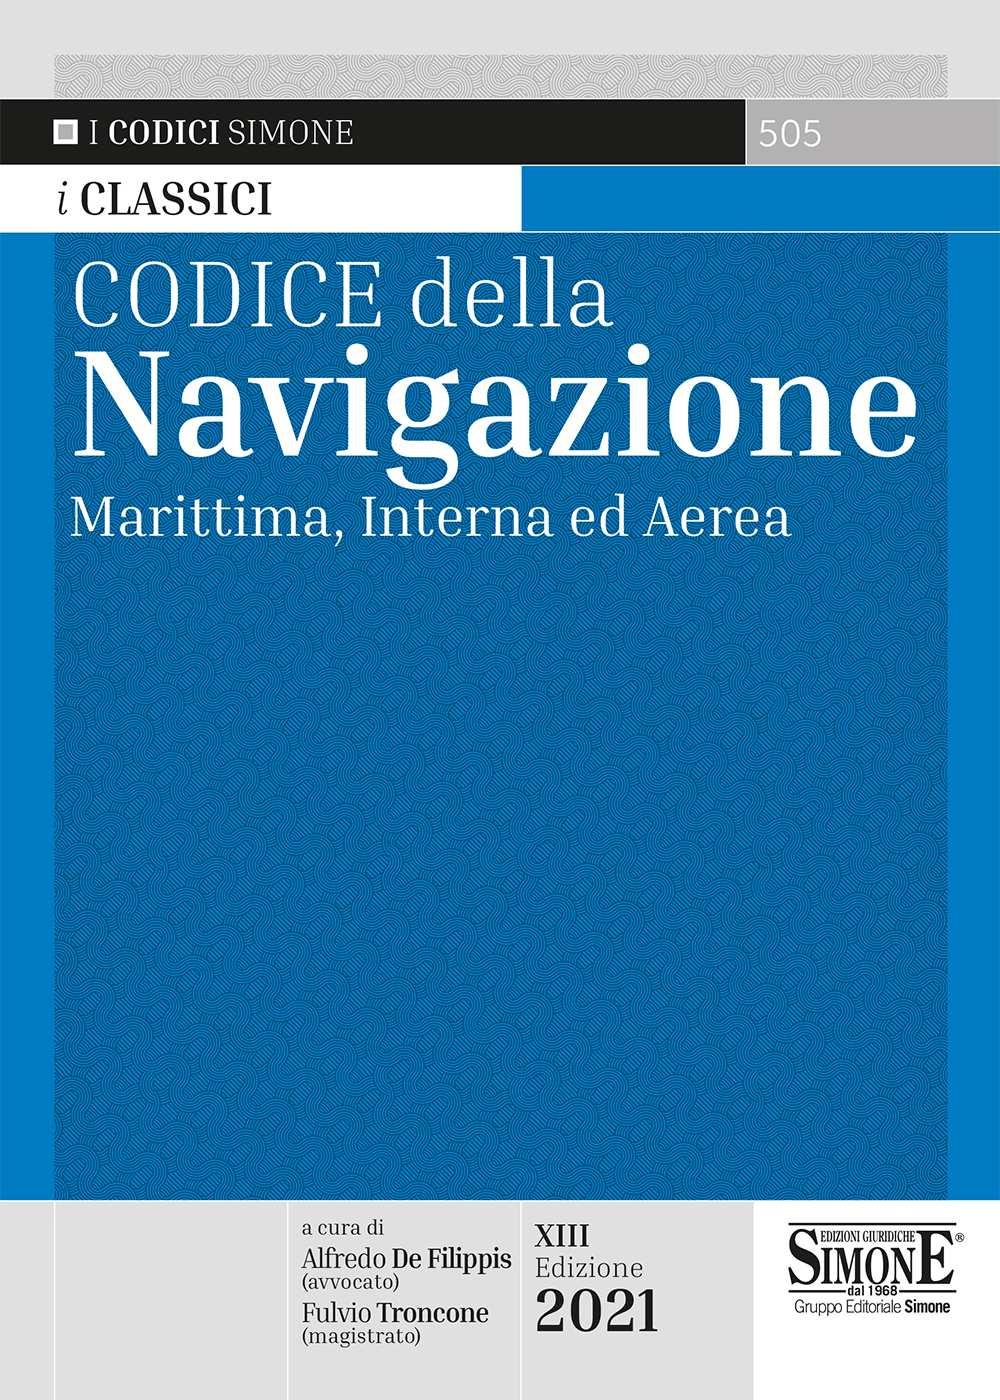 Codice della navigazione aggiornato 2021